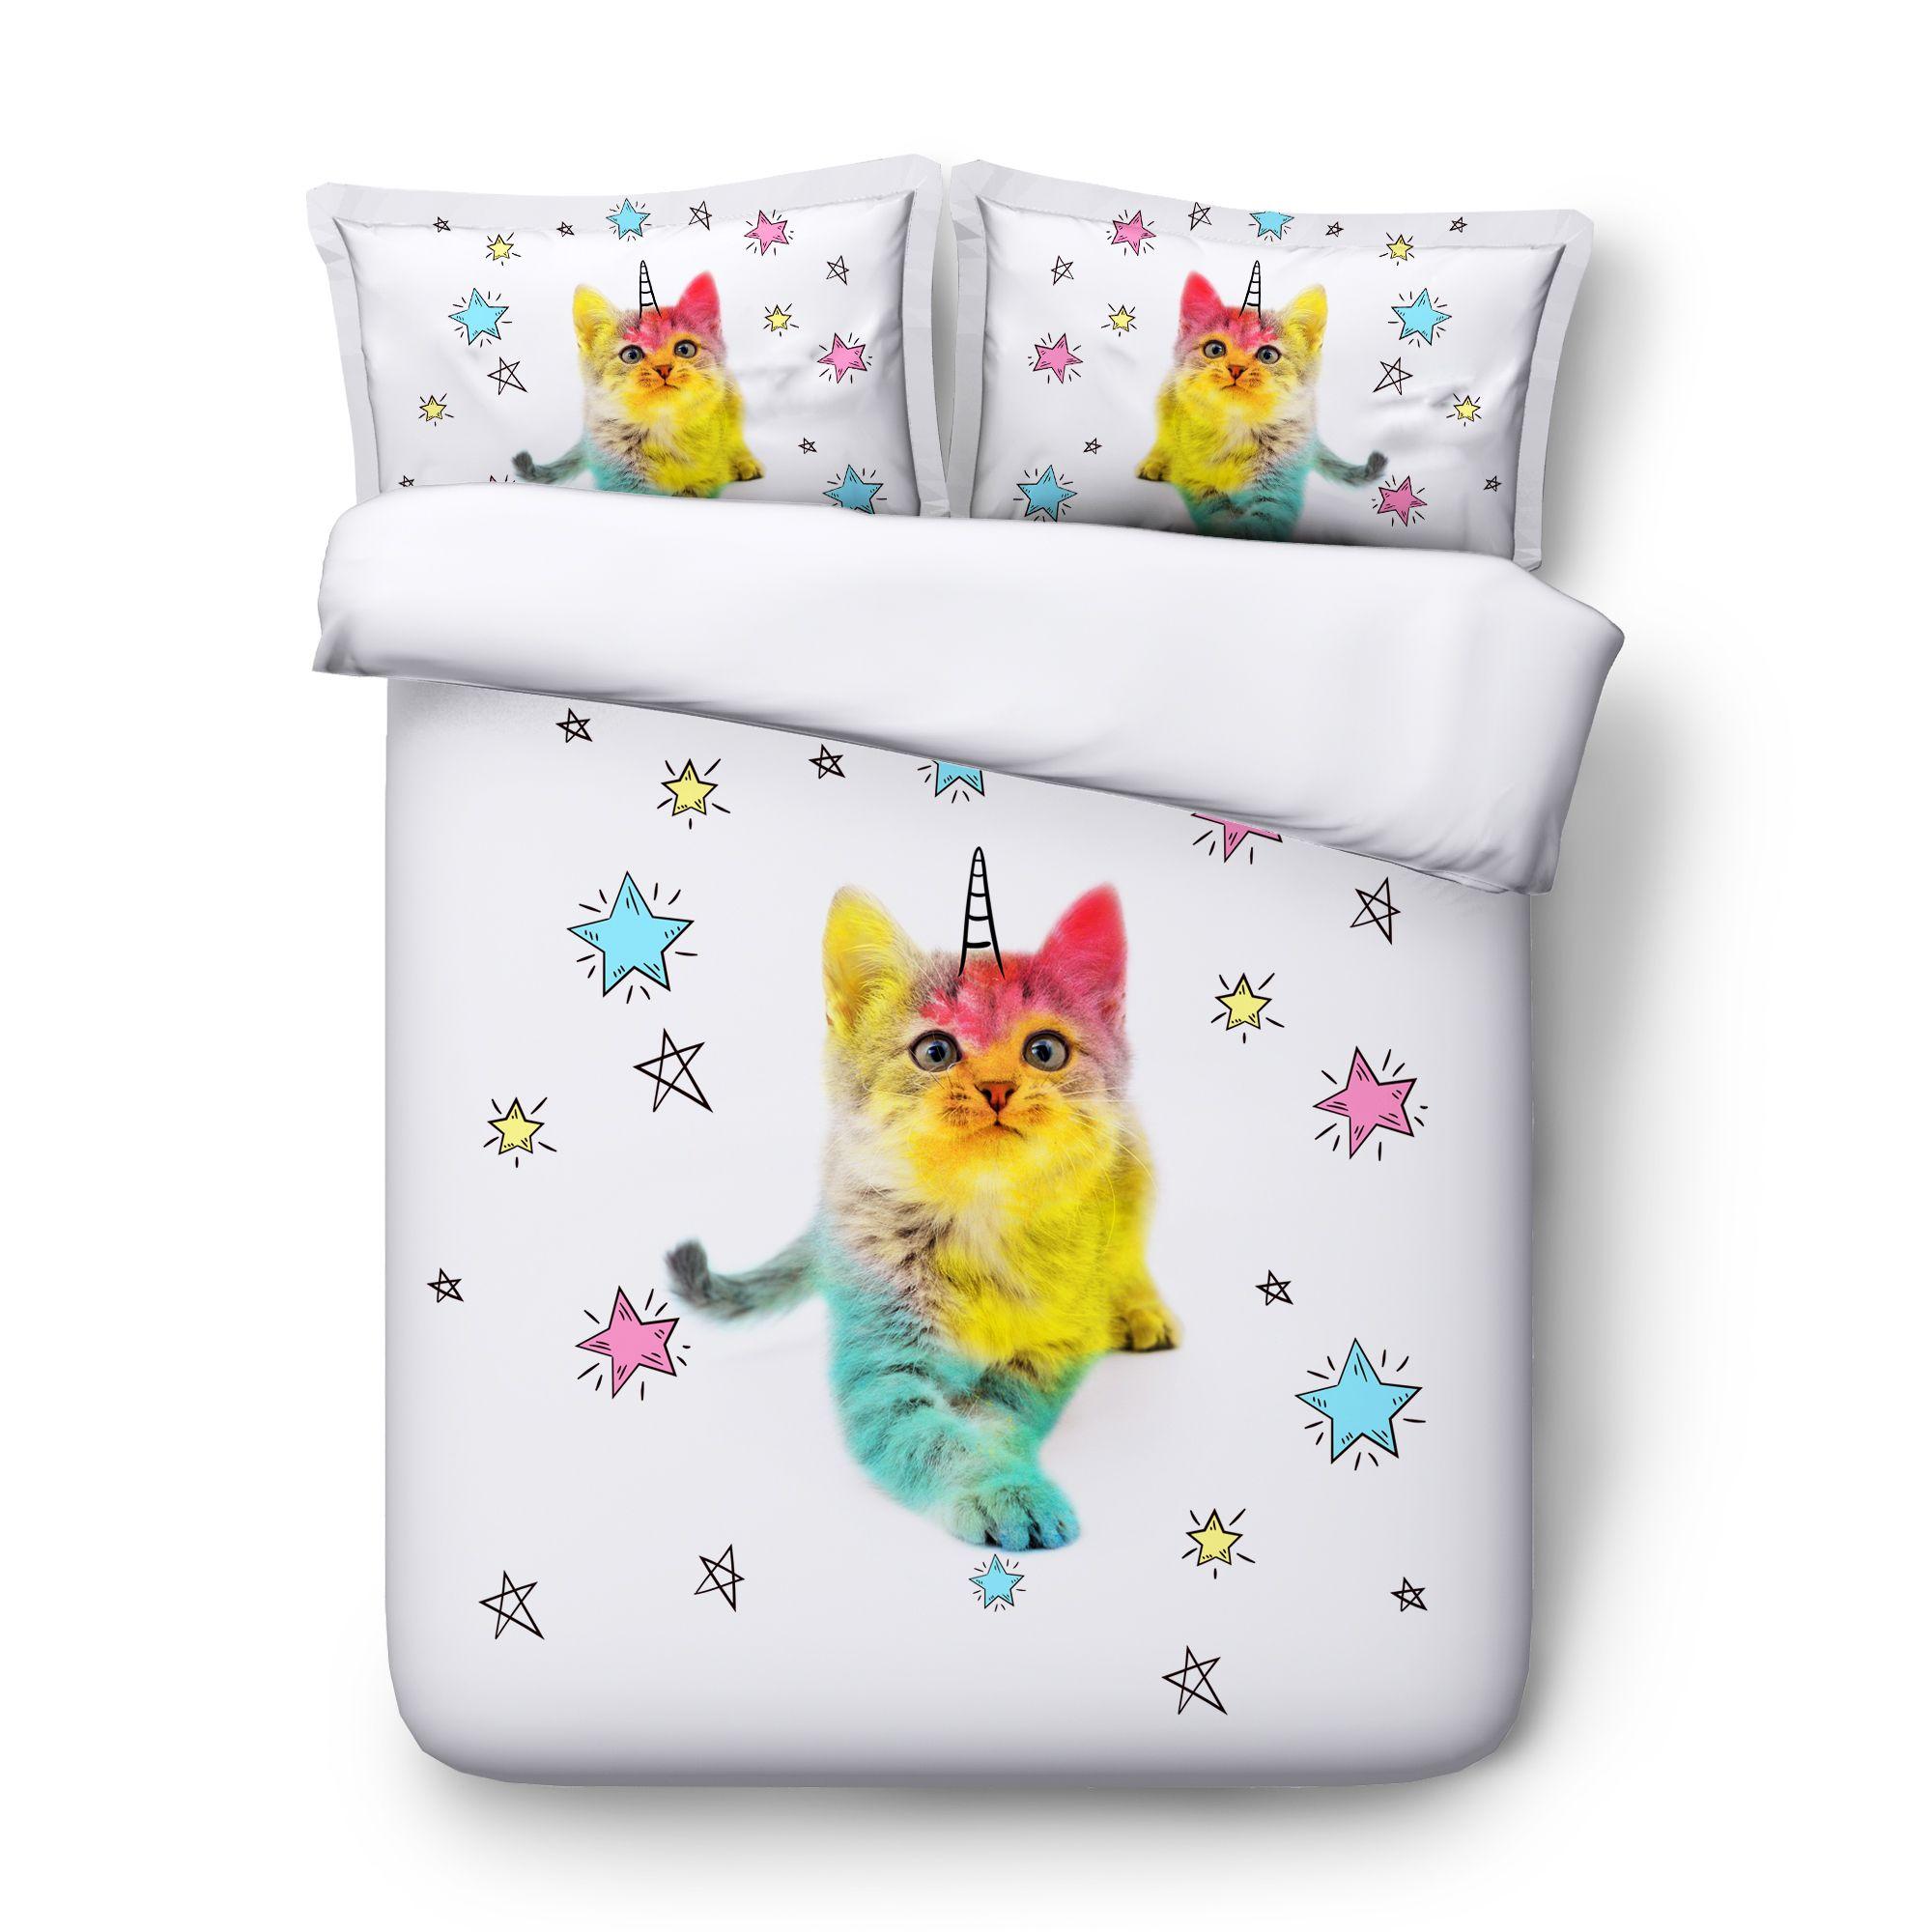 3D Stella Bedding Unicorn Cat Duvet Cover Consolatore copertura del cuscino Shams Cat Unicorn Bed Arcobaleno Copripiumini Cat copriletto 225x240CM